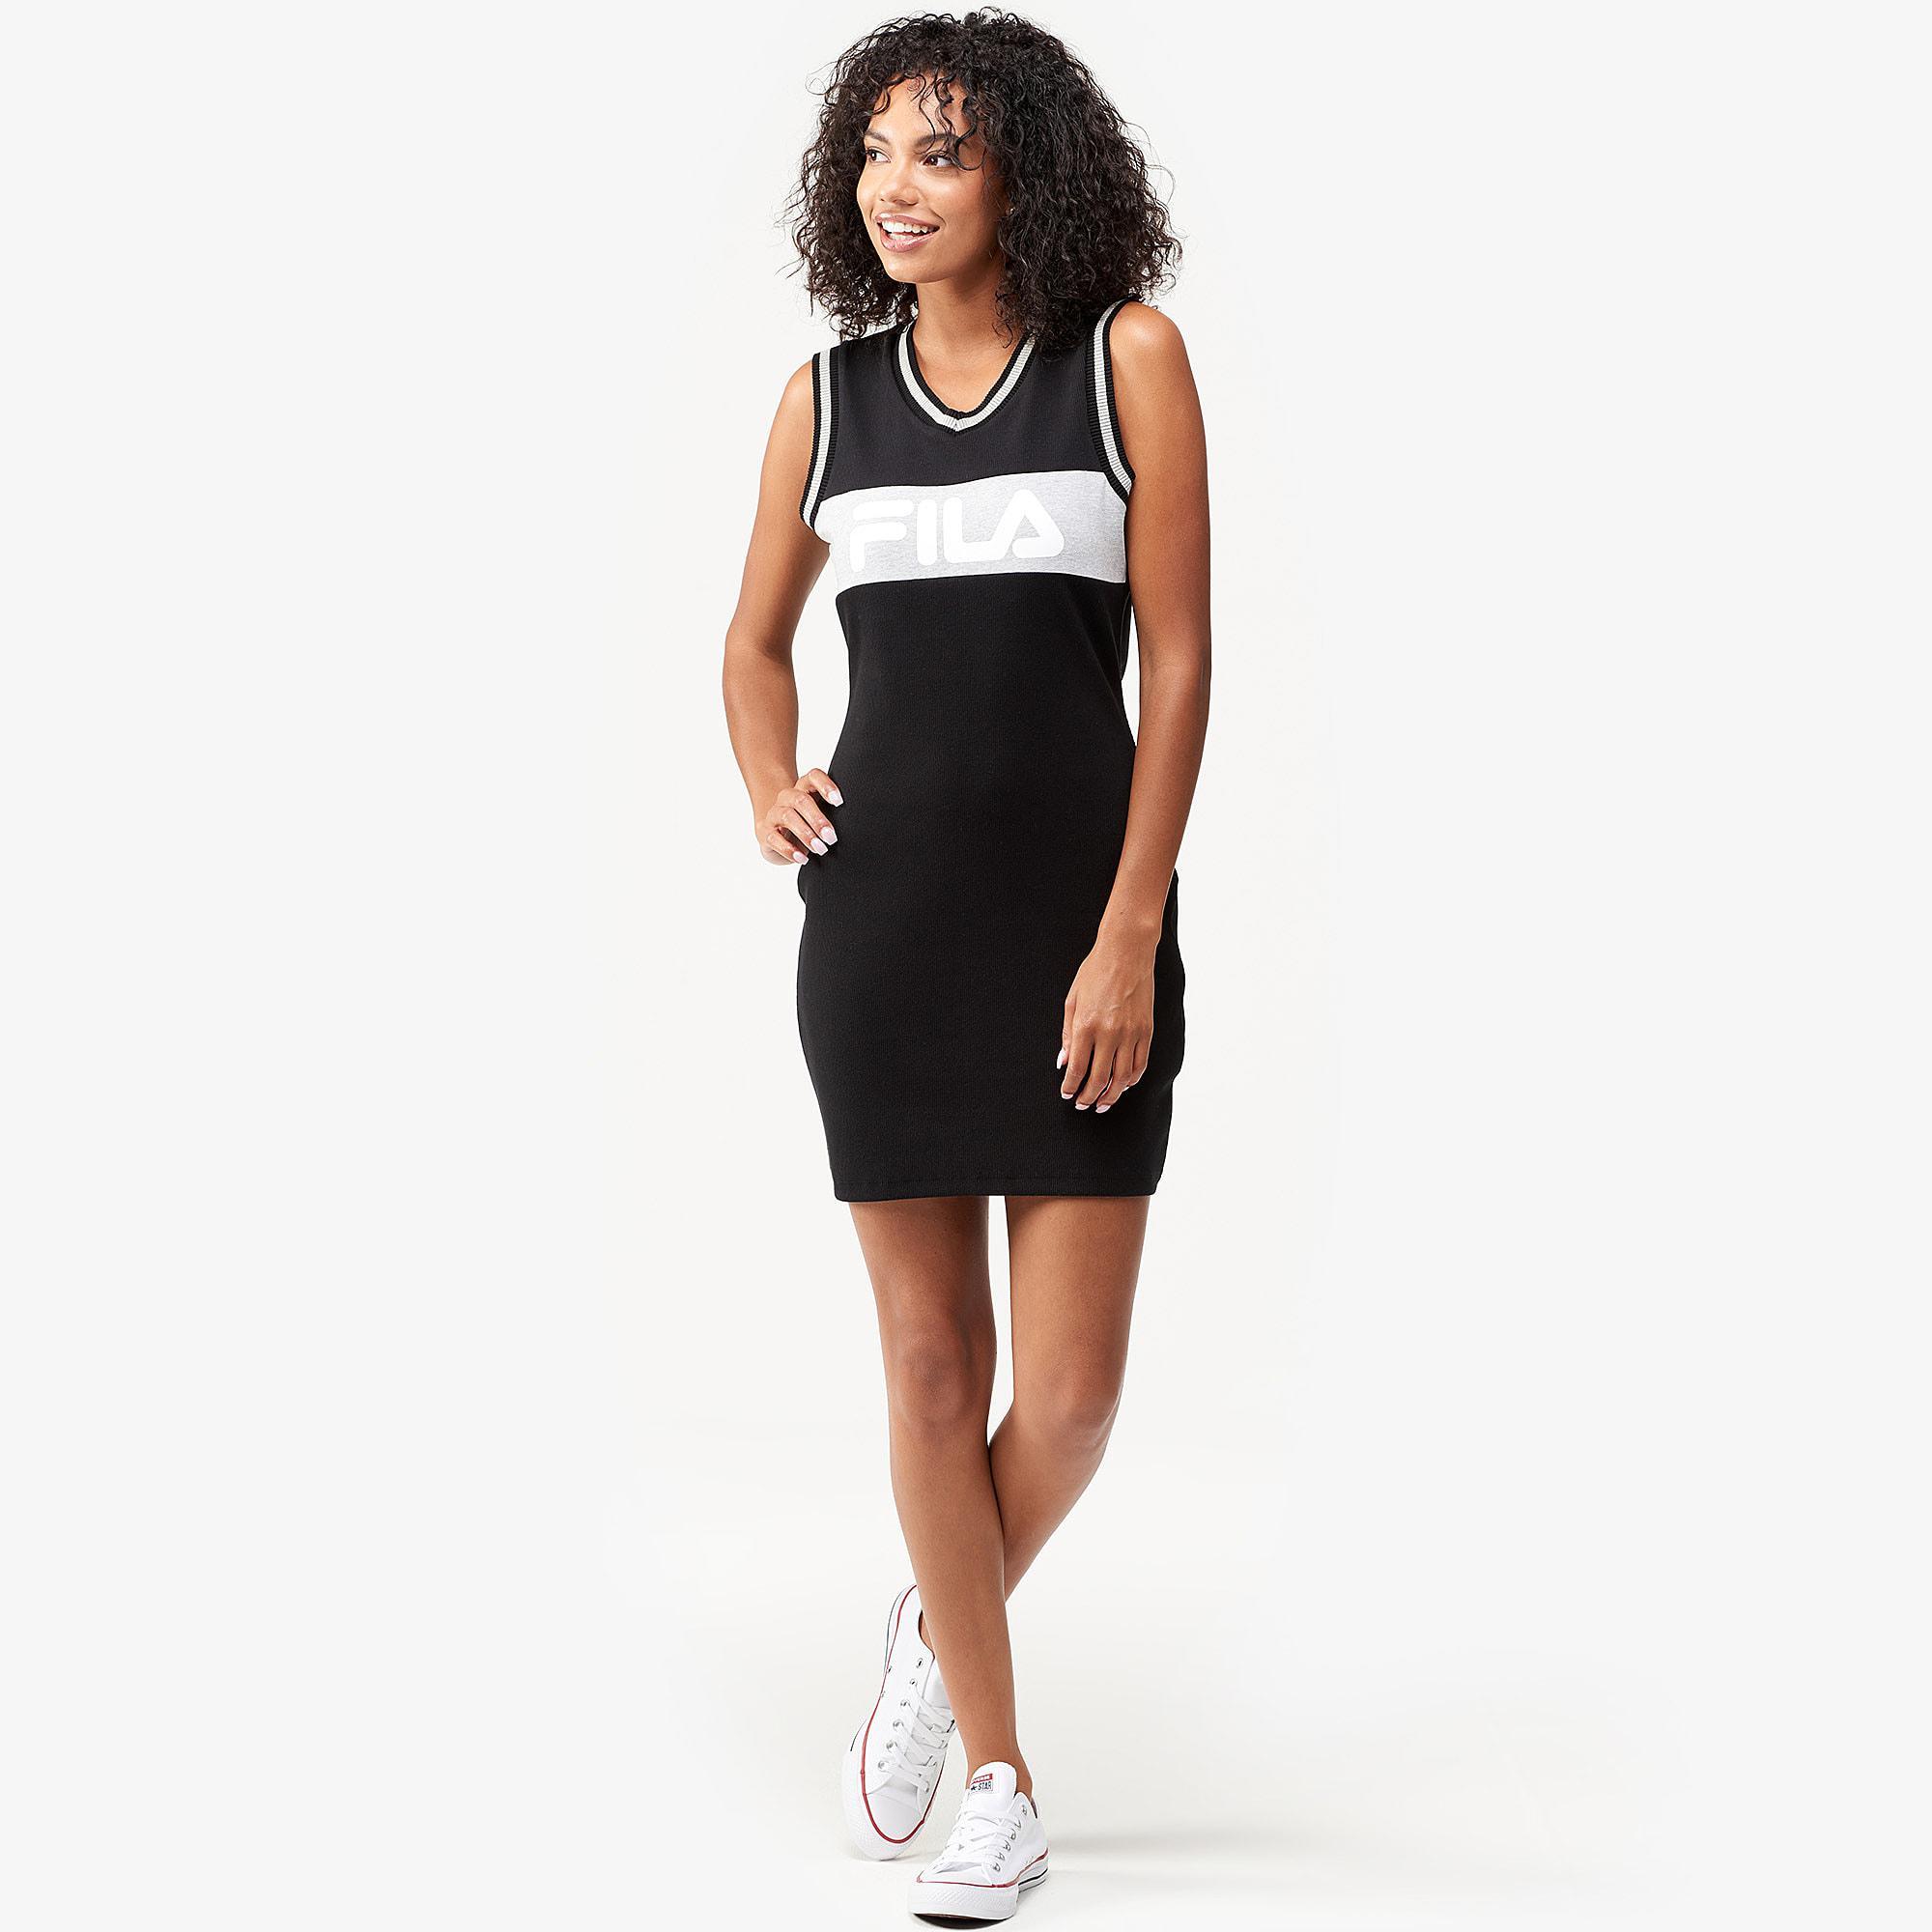 6f3fda7a4275 Lyst - Fila Leigh Rib Dress in Black